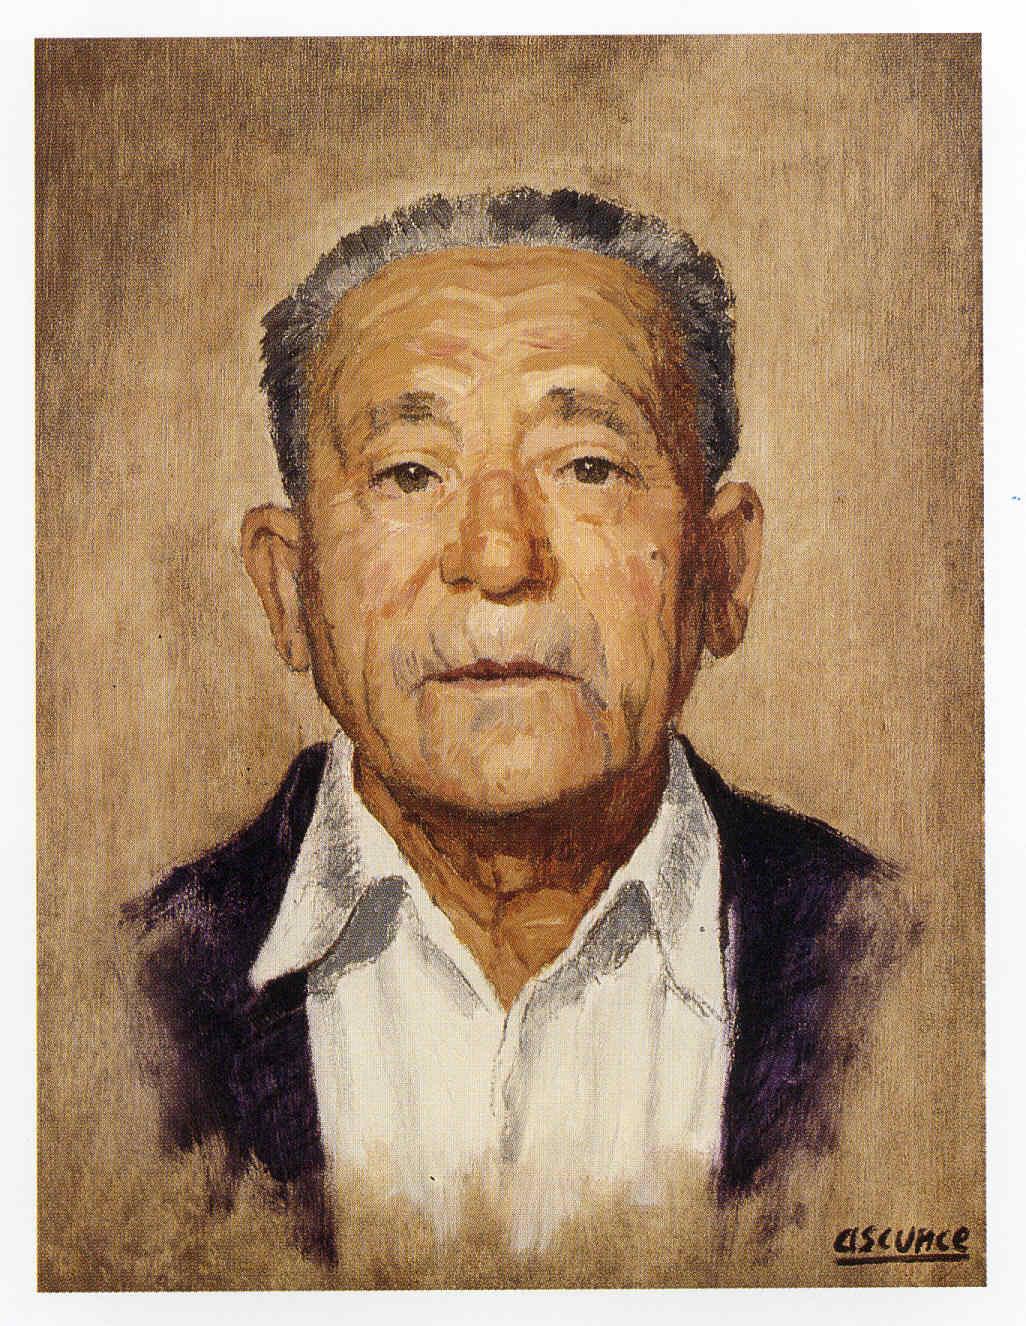 Jose María Ascunce Pintores navarros 13 La Pintura 147